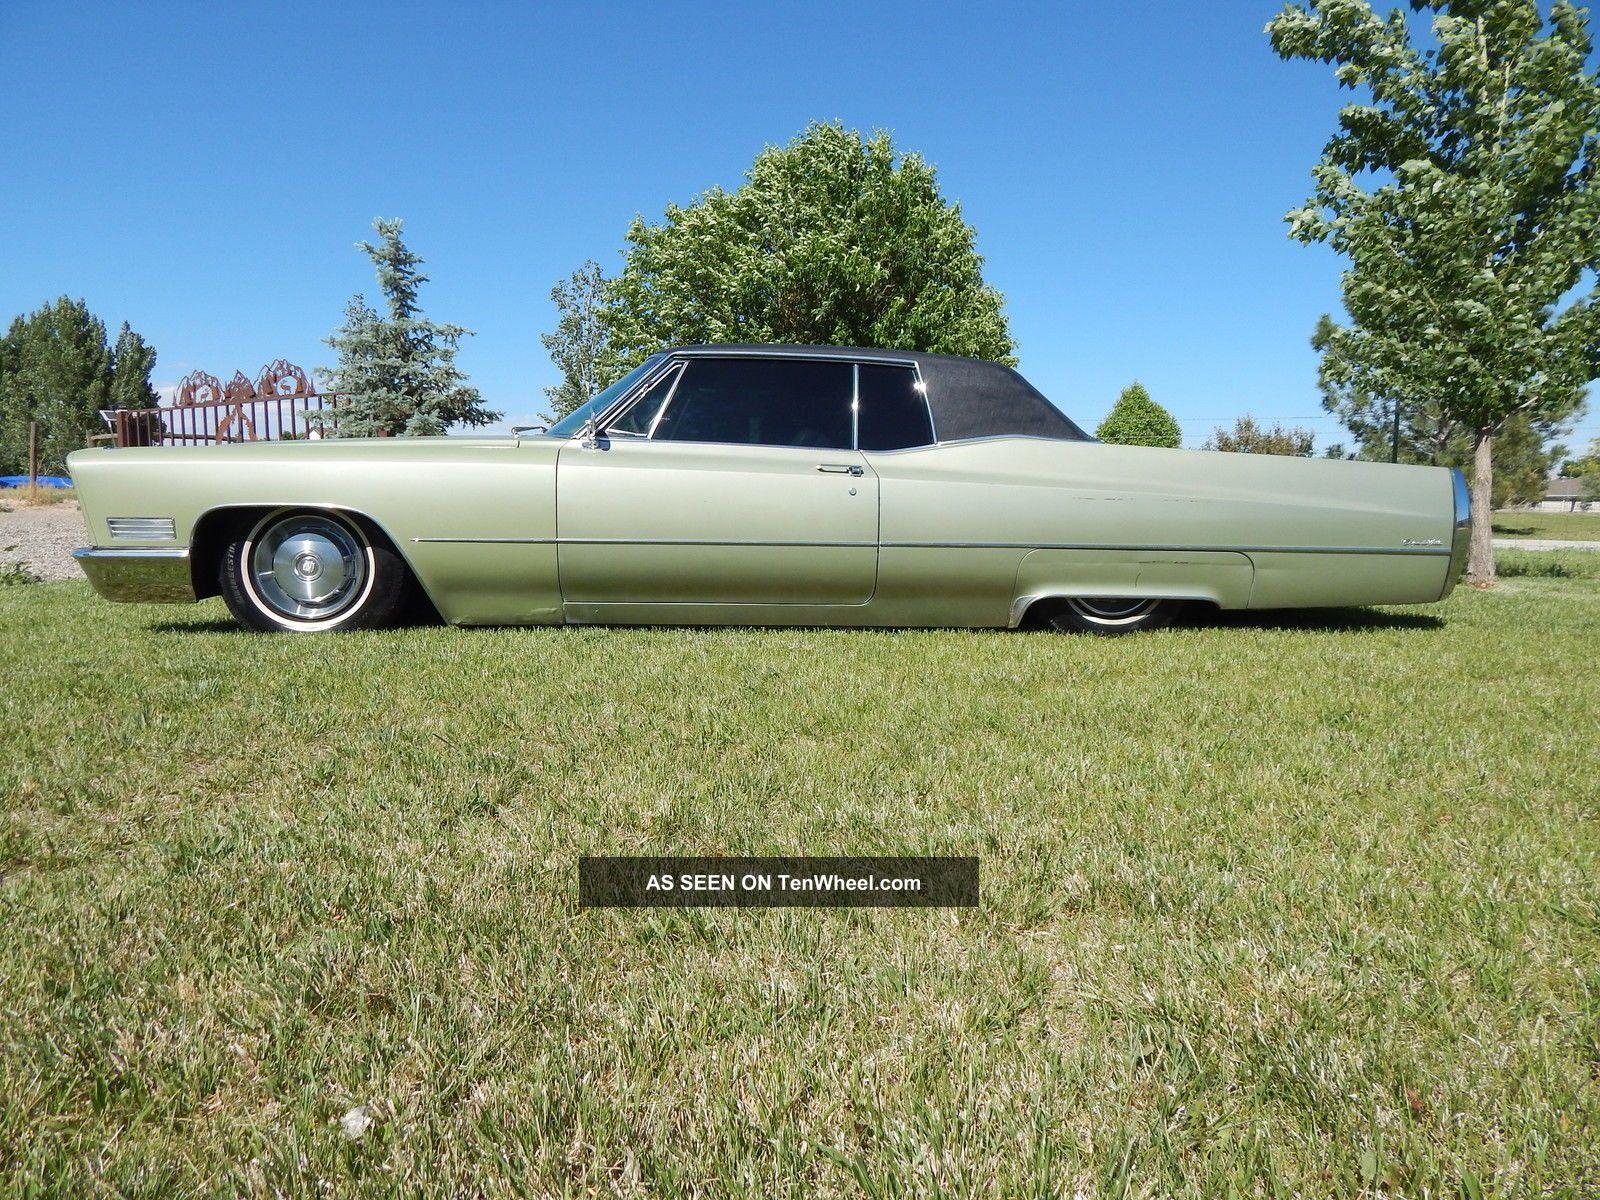 1967 Cadillac Coupe Deville W / Air Bags DeVille photo